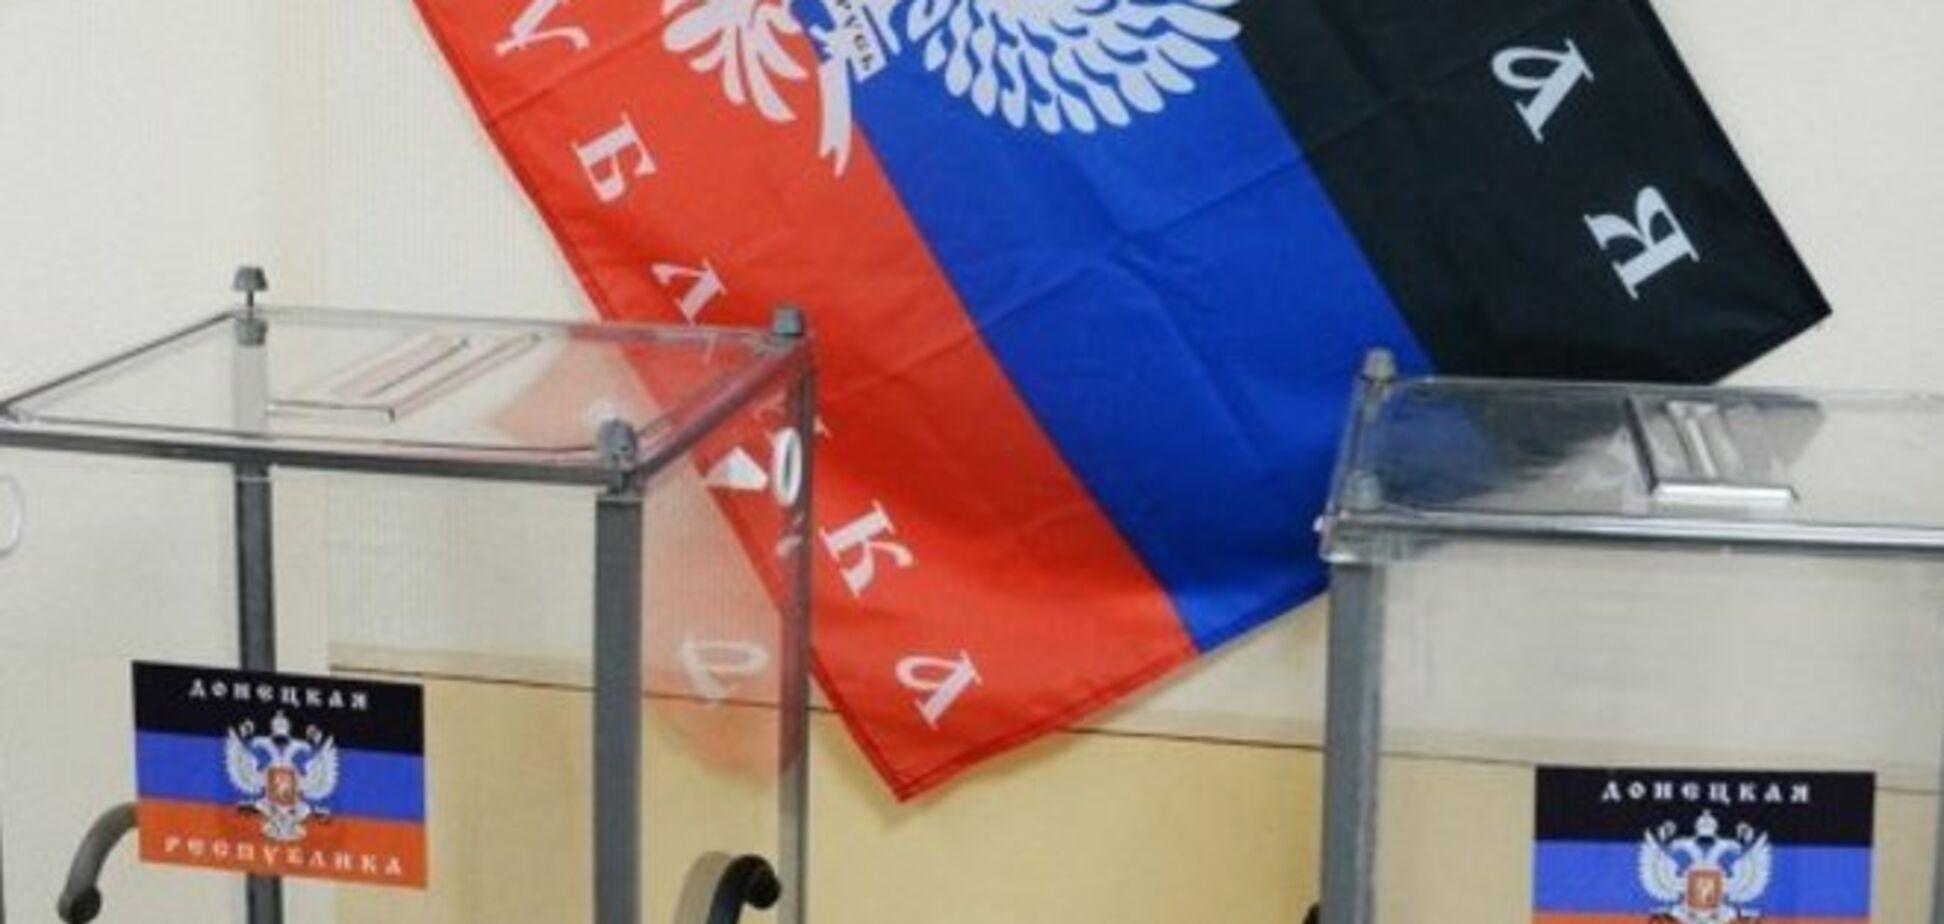 Путин – не указ: сепаратисты заявляют, что 'выборы' на Донбассе состоятся независимо от мнения президента РФ